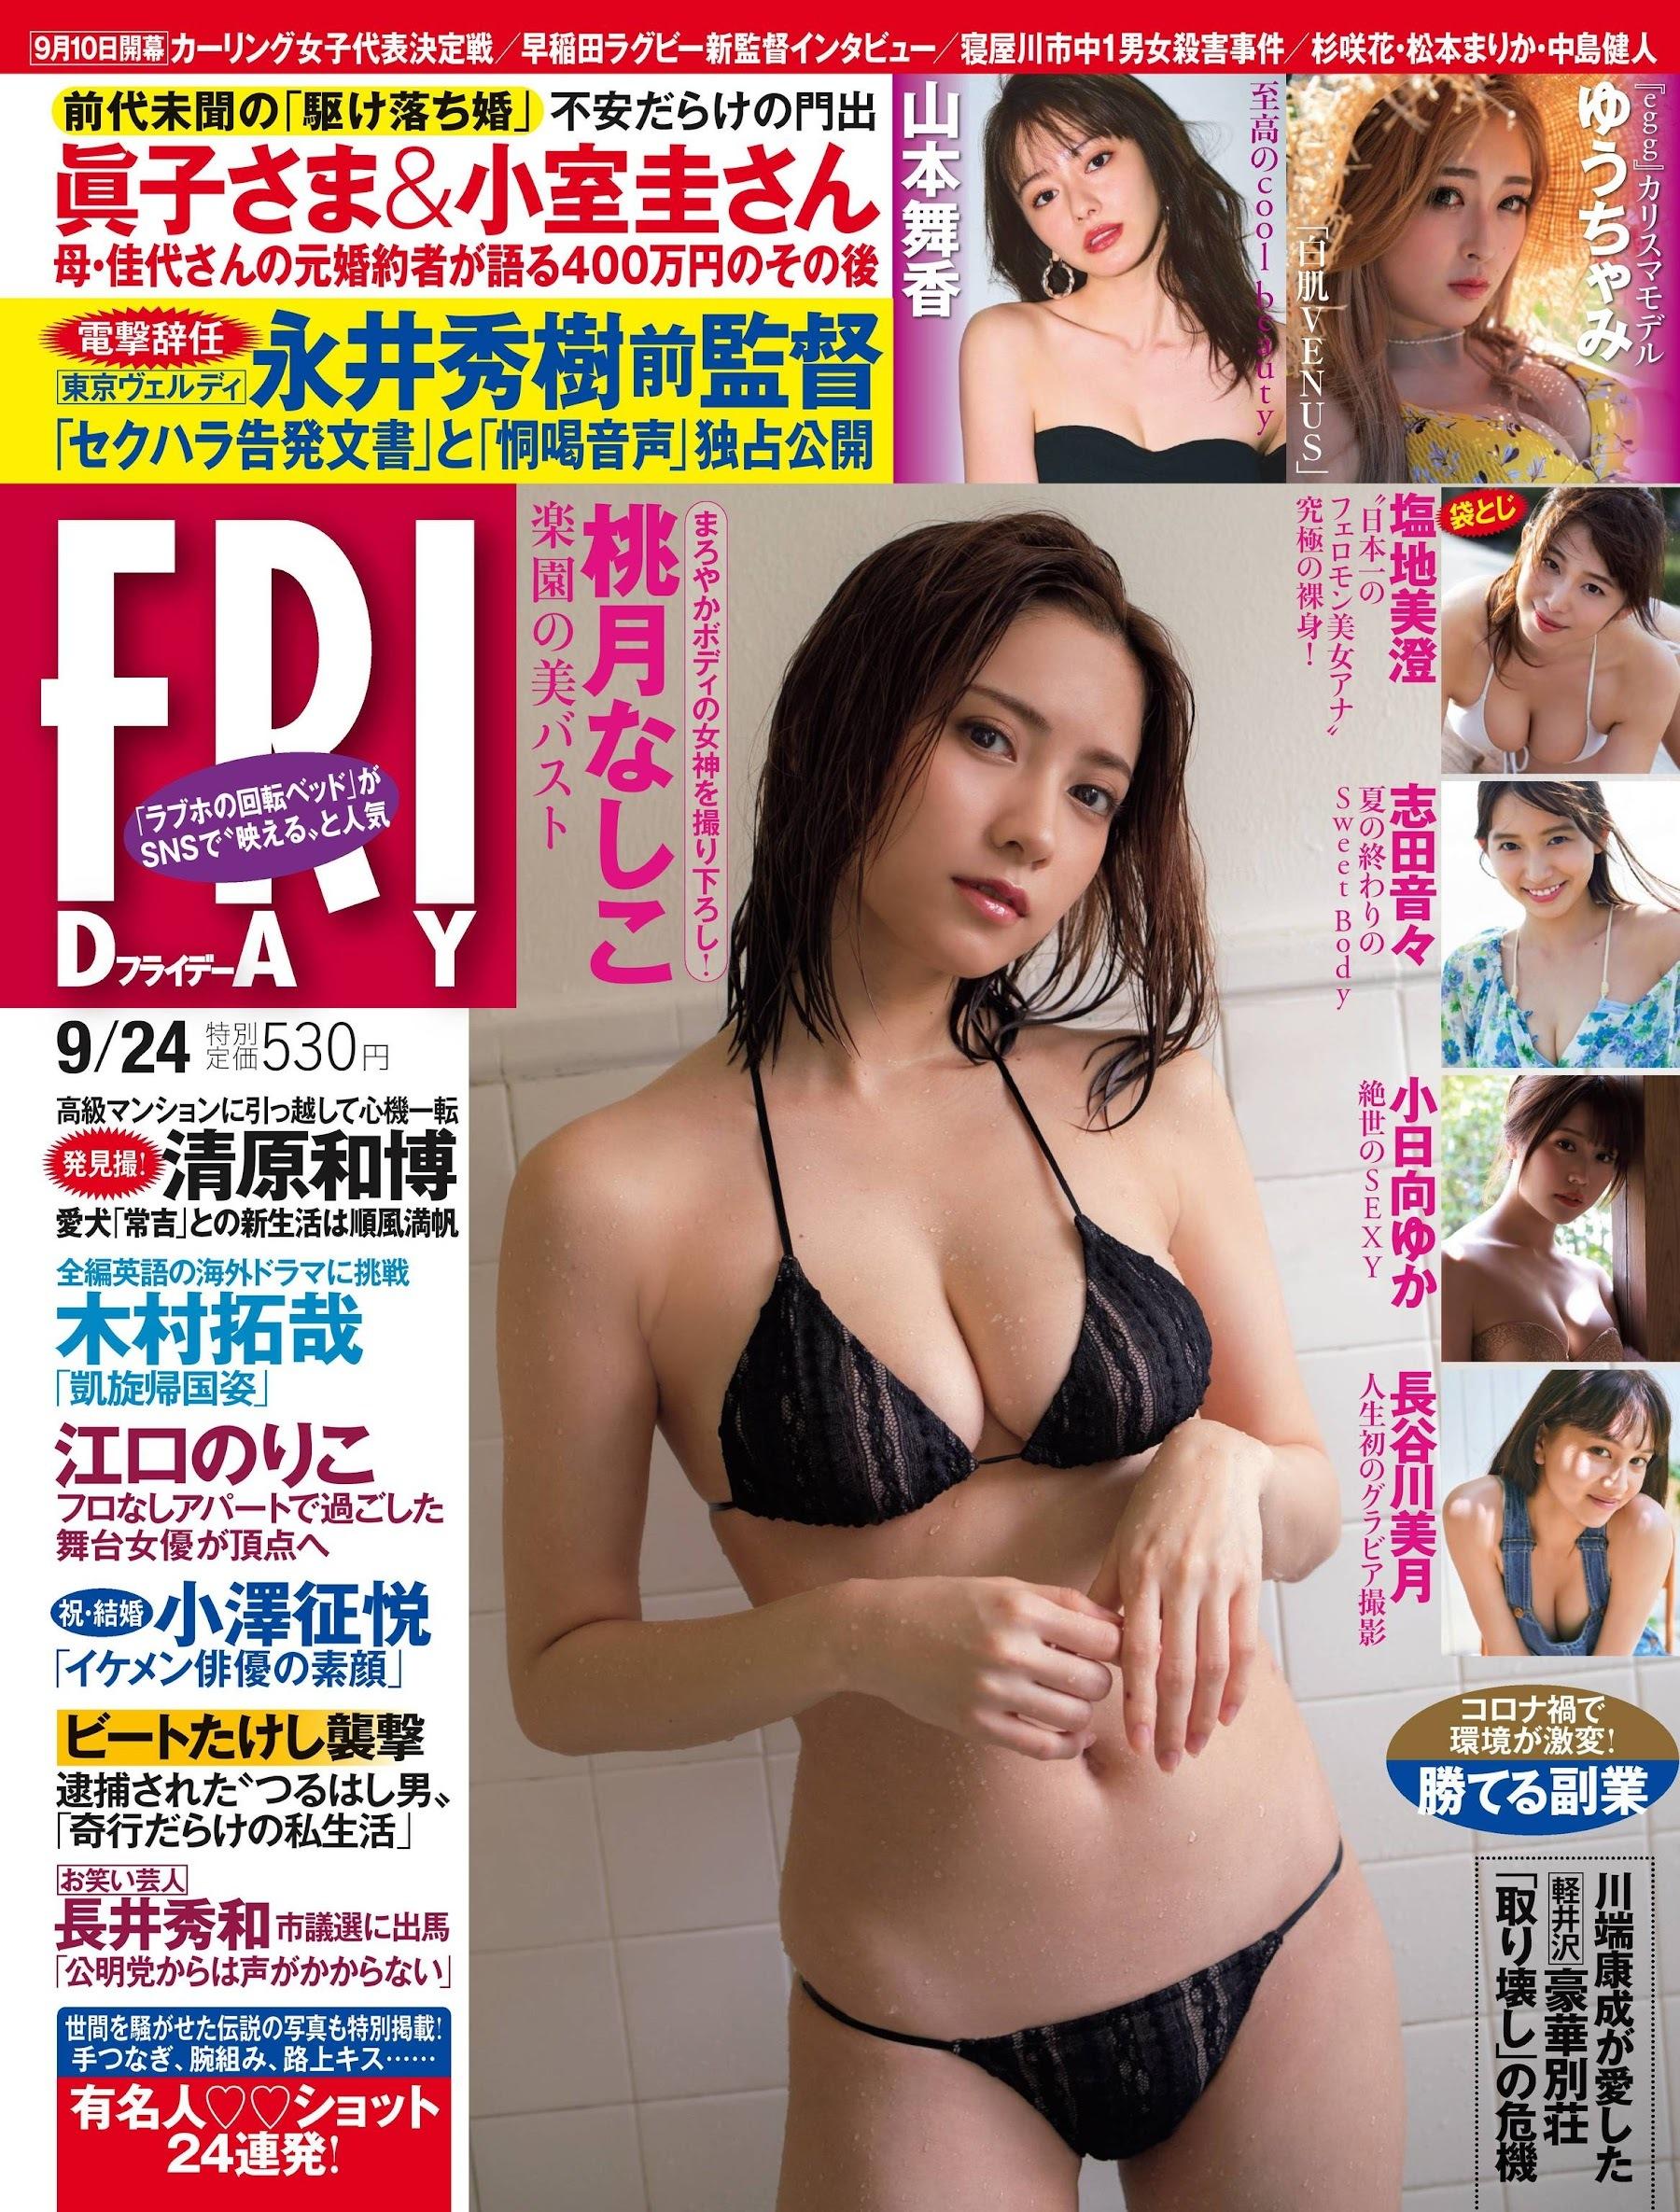 桃月梨子 志田音々塩地美澄-Friday 2021年9月24日刊